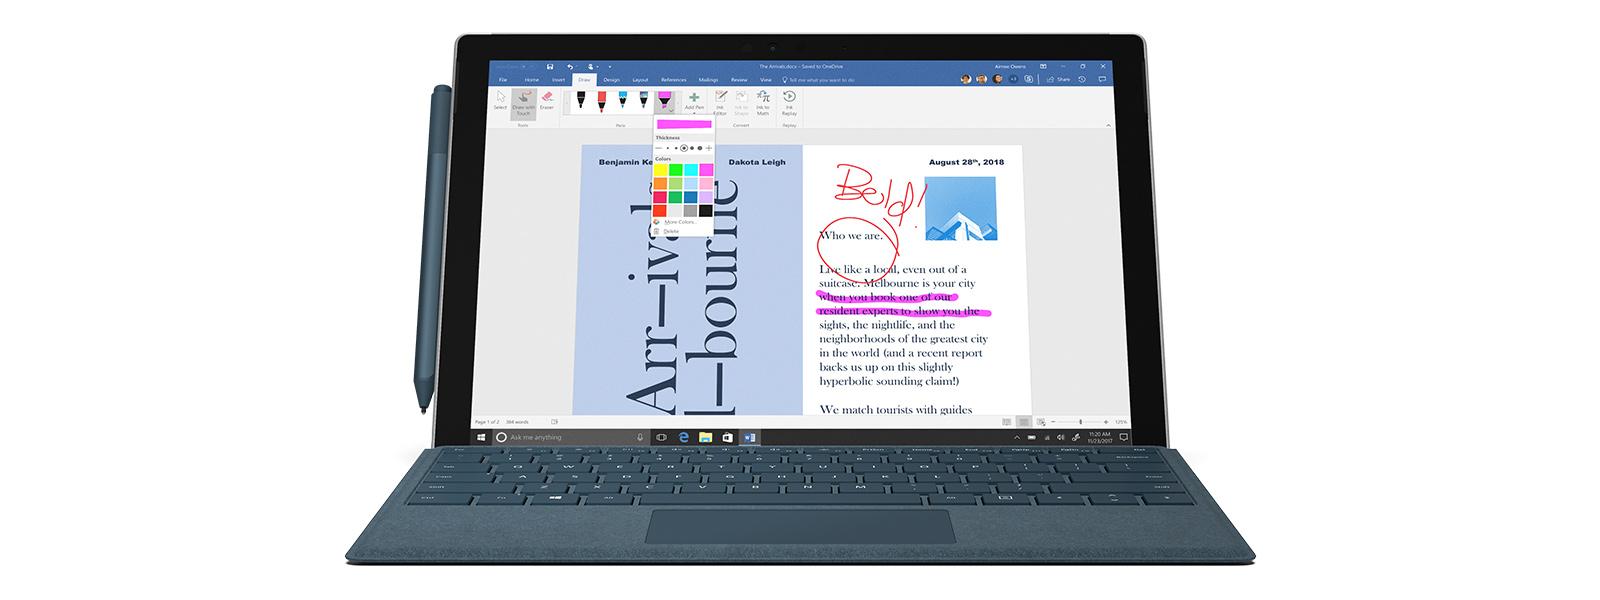 Dispositivo Surface Pro que muestra la función de entrada manuscrita en una pantalla de Paint 3D